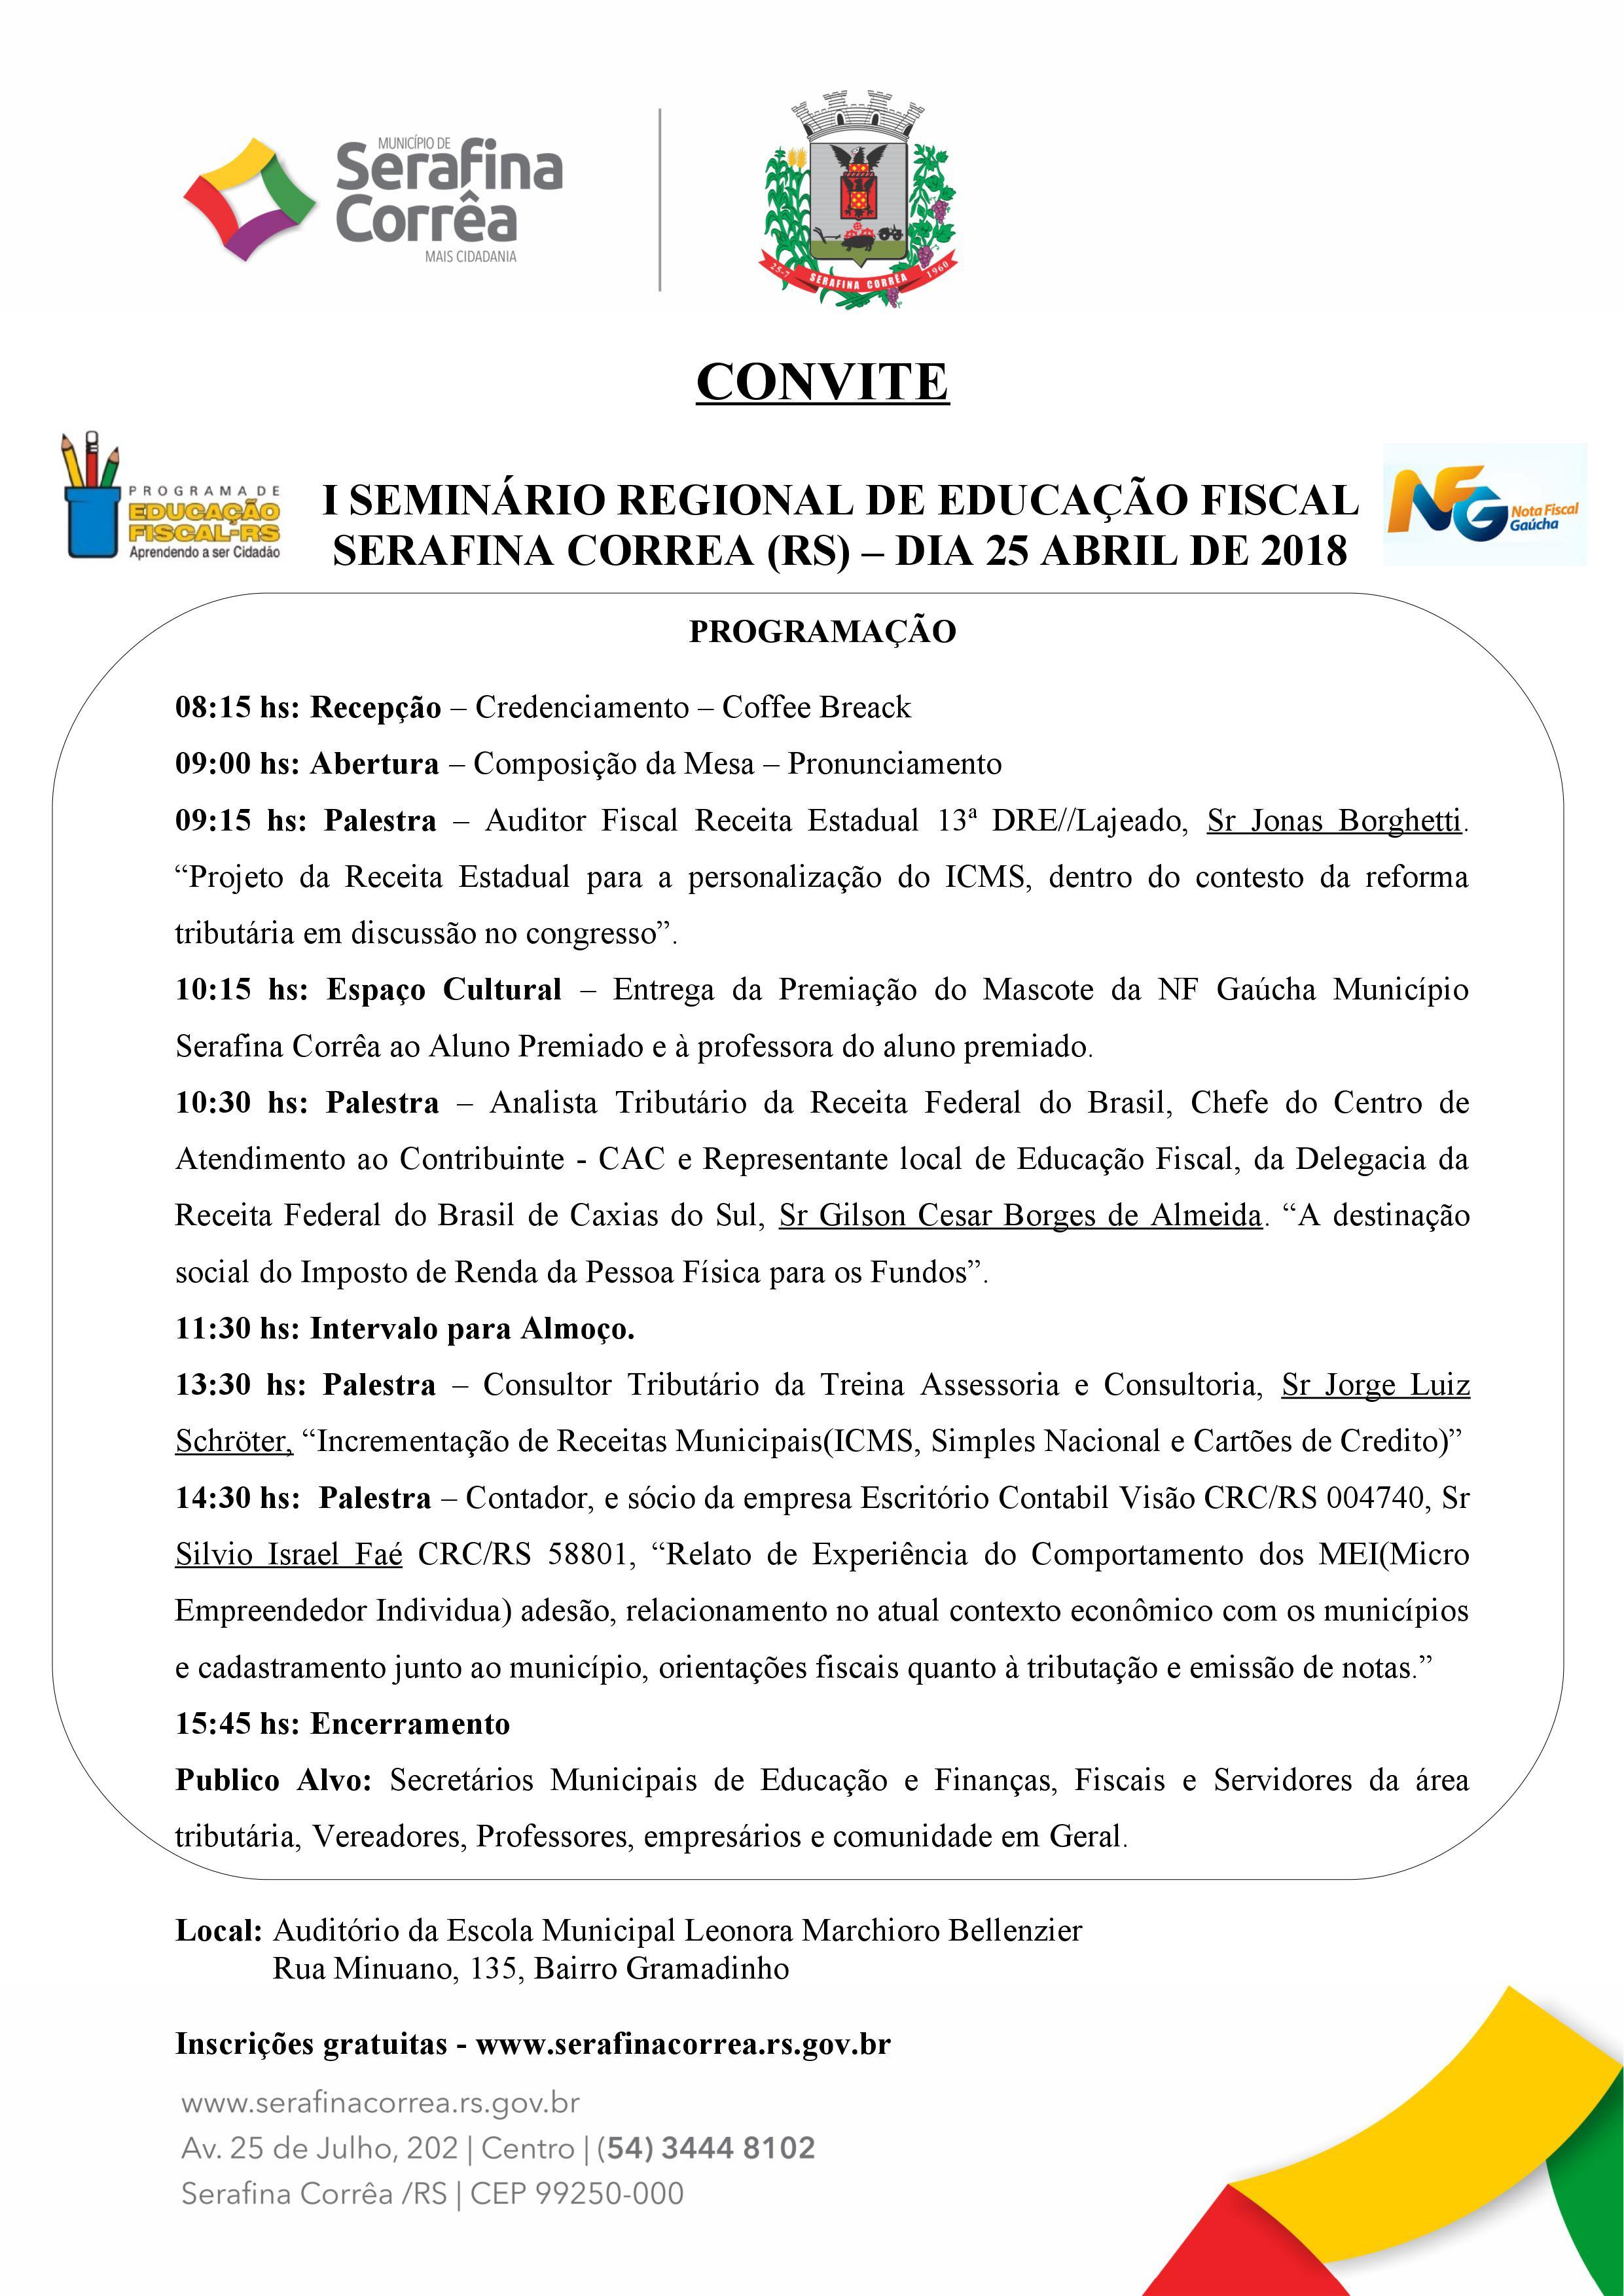 I Seminário Regional Em Serafina Corrêa